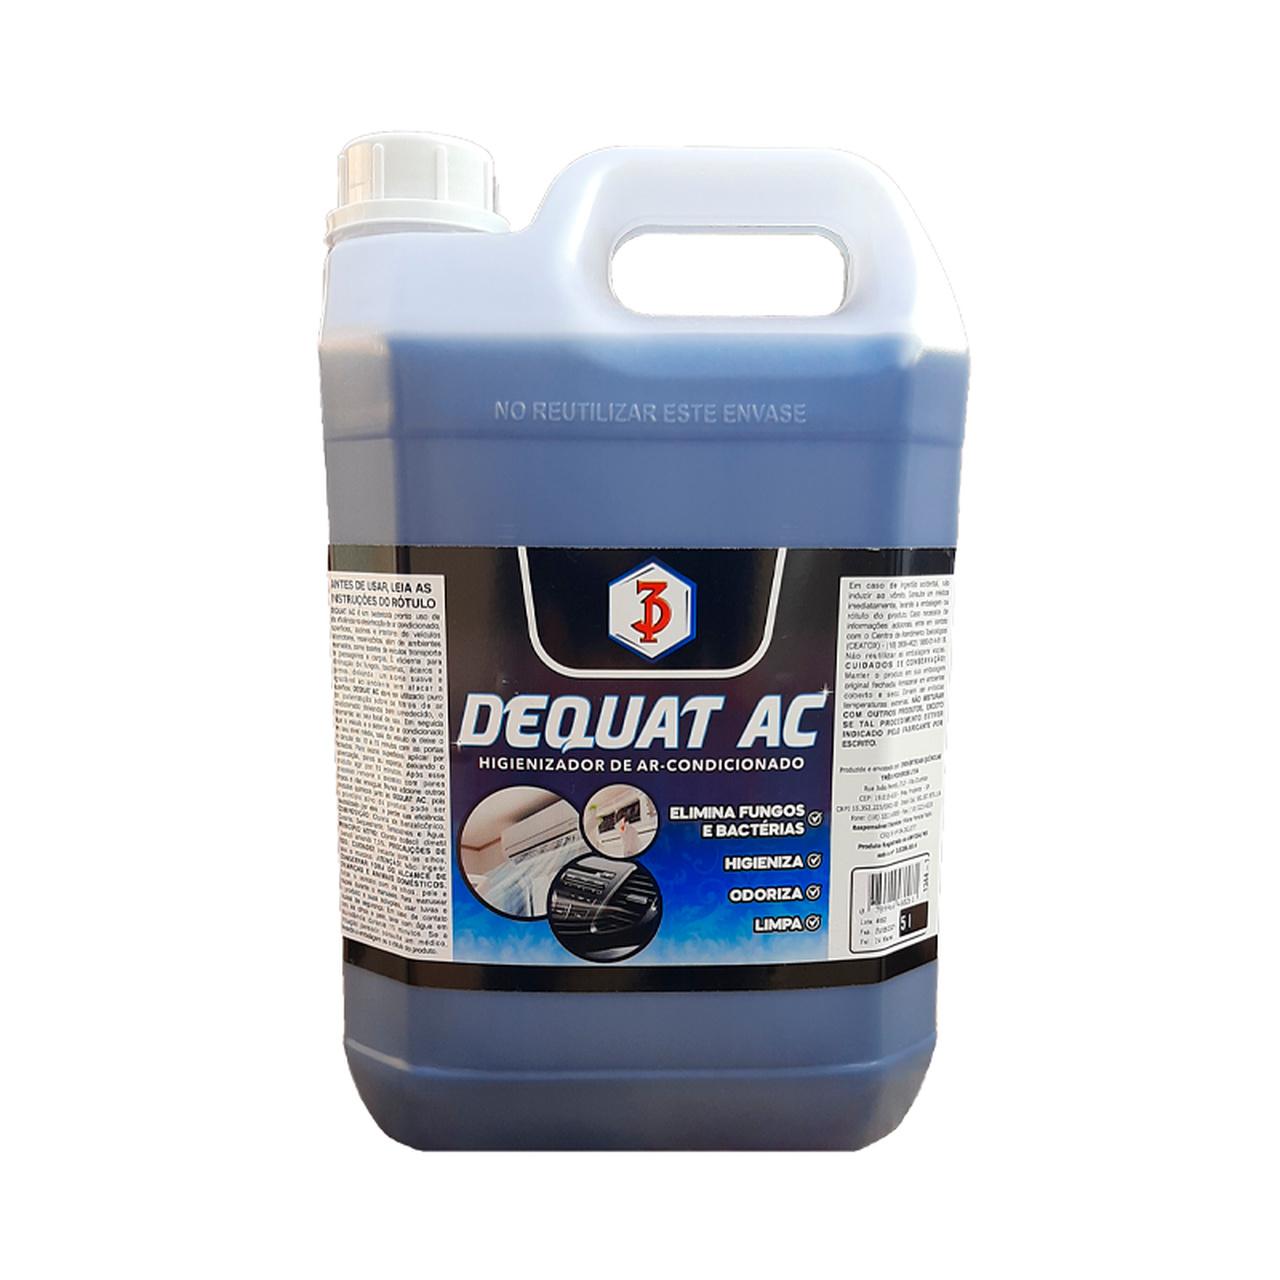 DEQUAT AC 3 Poderes 5LTS - Higienizador De Ar Condicionado E Desinfetante (Pronto Uso)